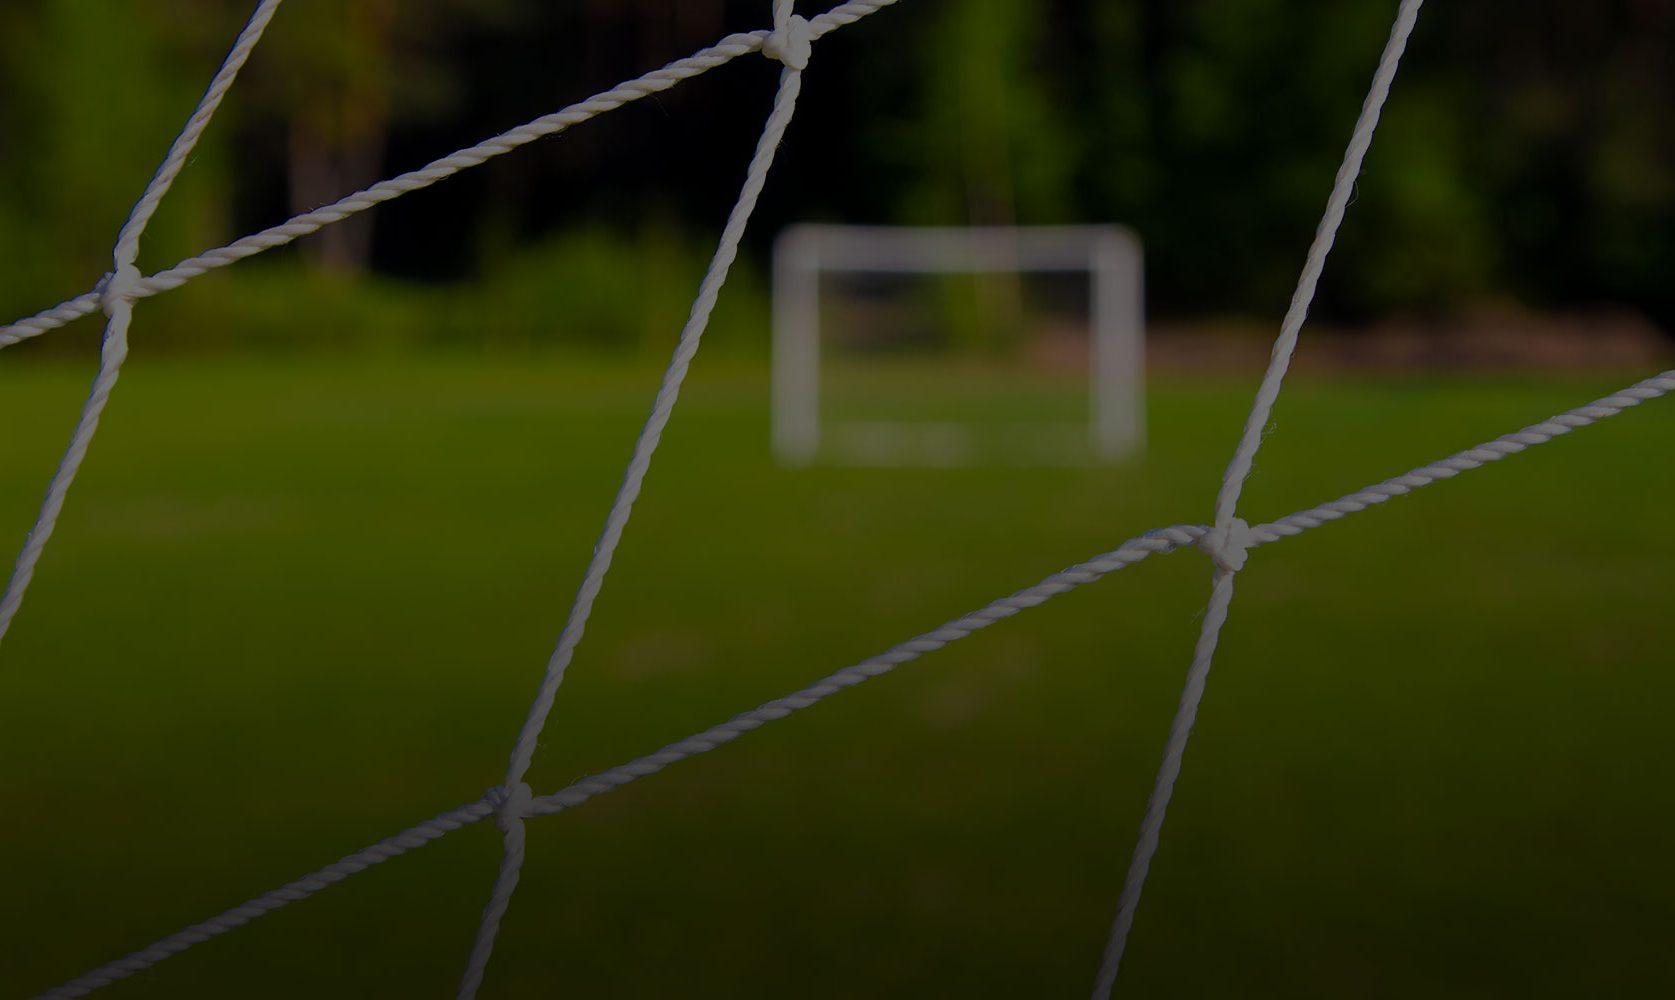 goal_through_net